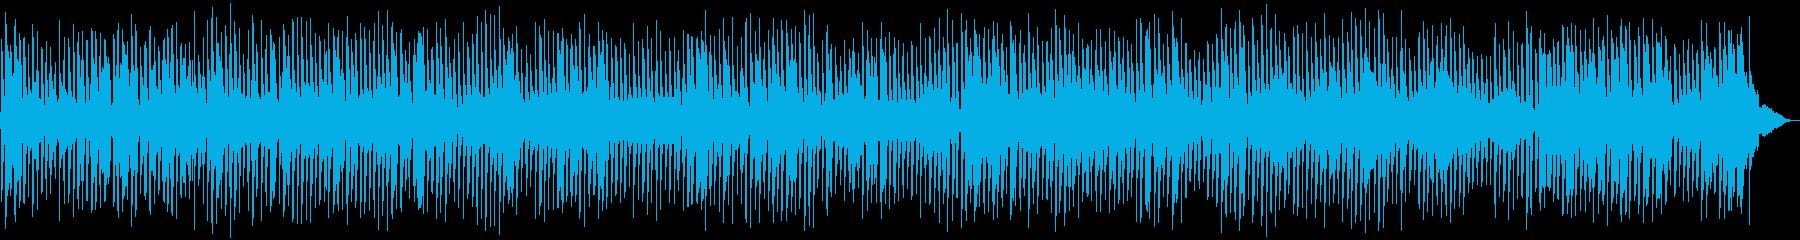 春らしい4ビートジャズBGMの再生済みの波形